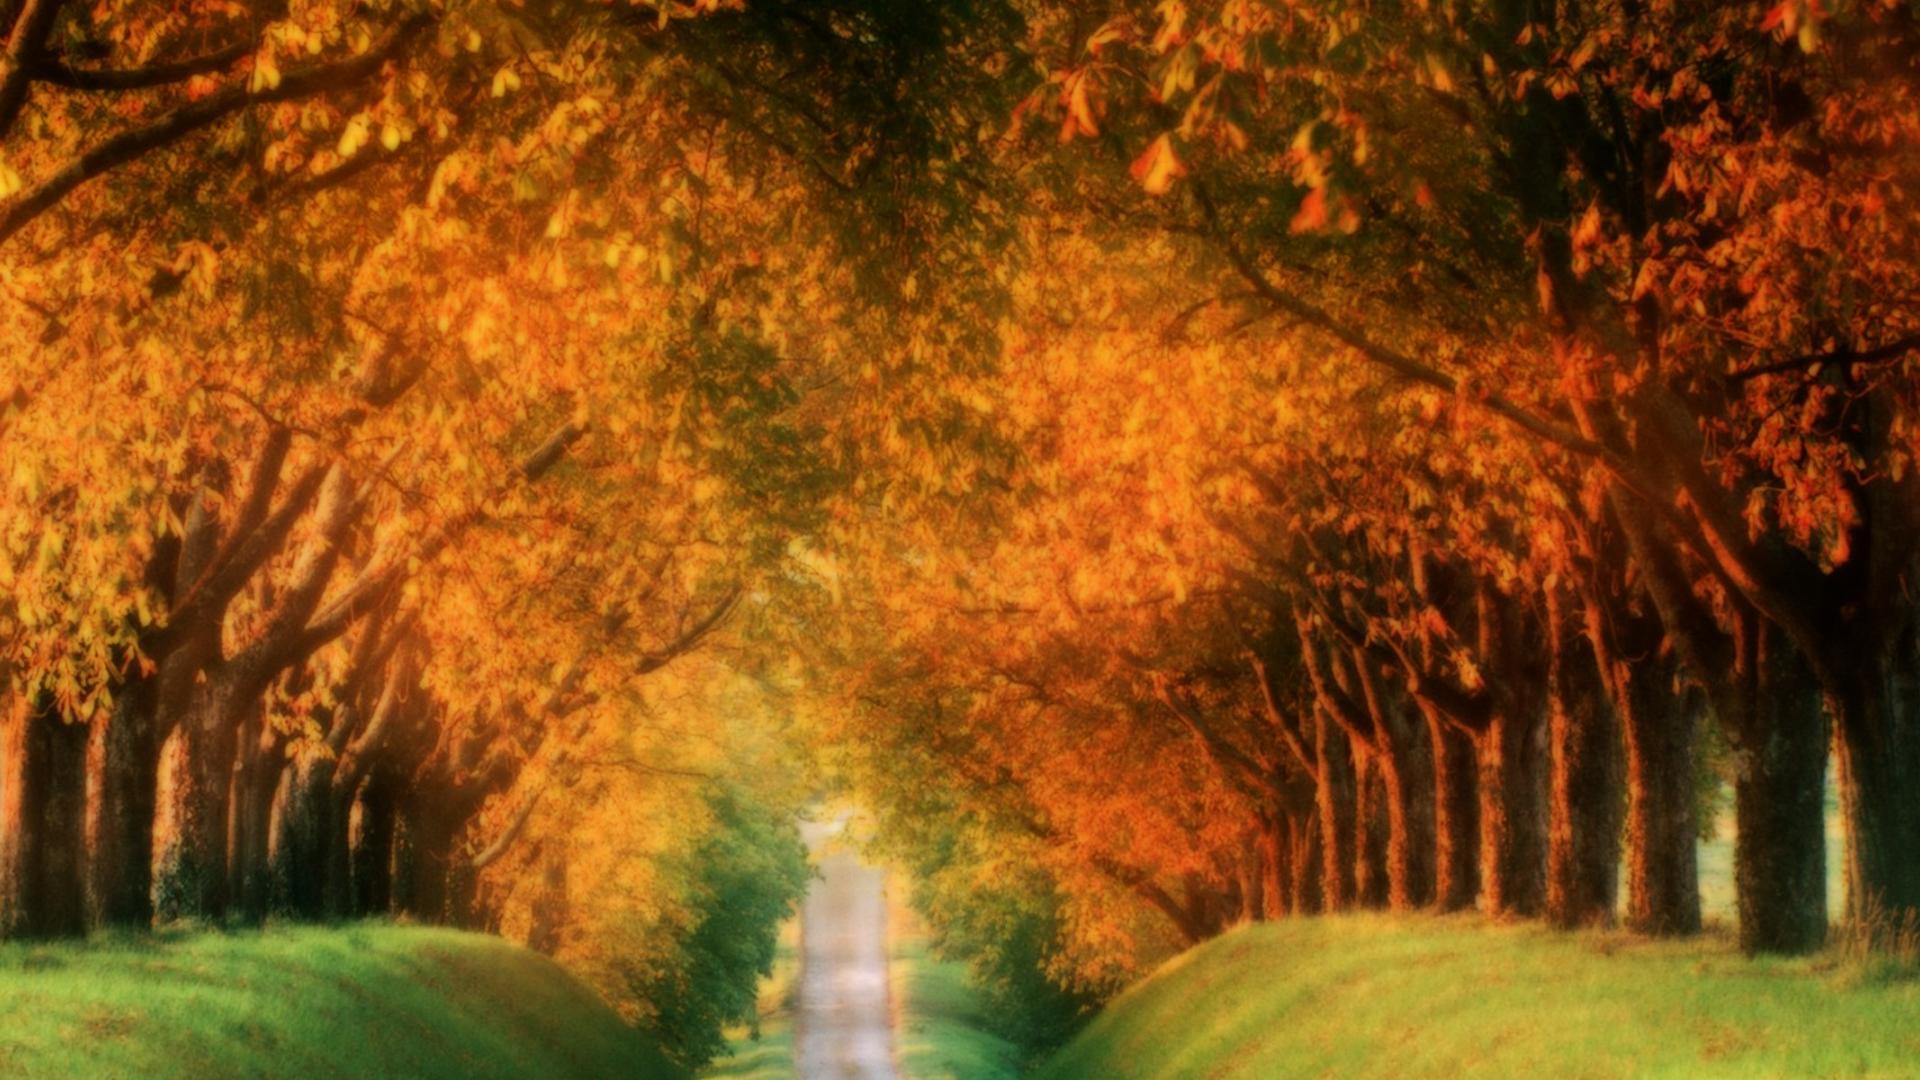 Fall Autumn Desktop Wallpaper 1920x1080